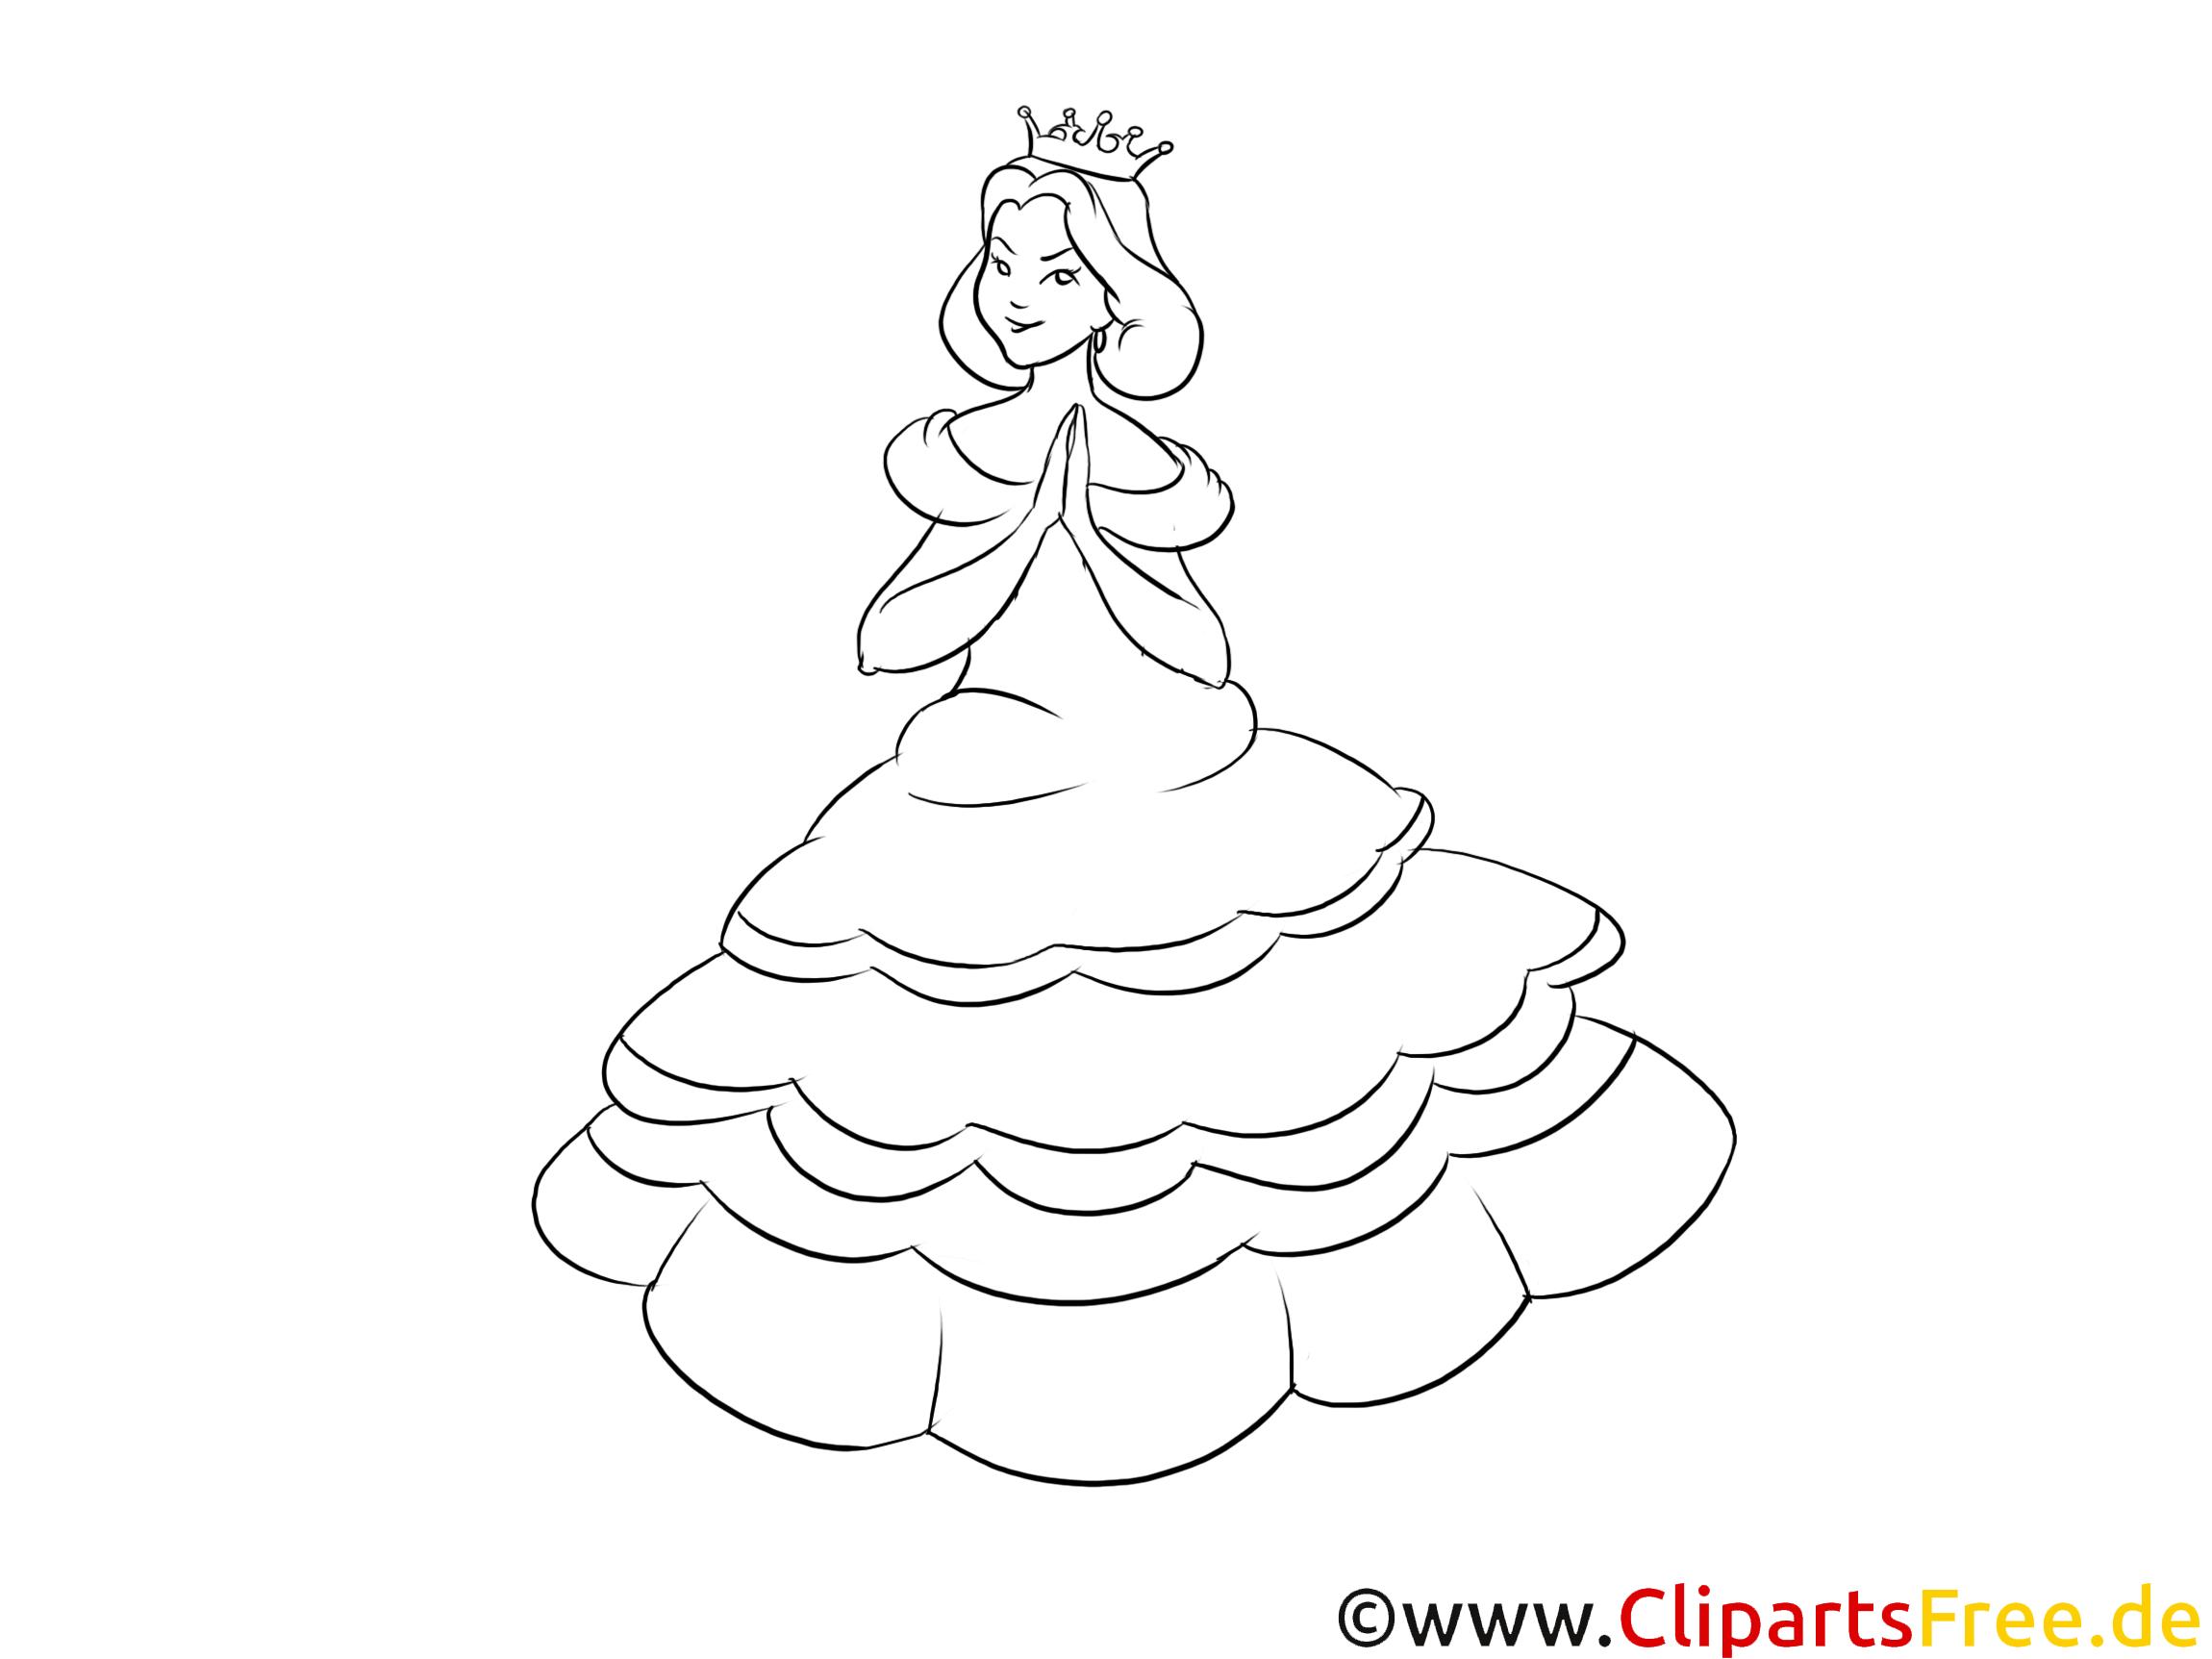 Ausmalbild Prinzessin ohne Einhorn